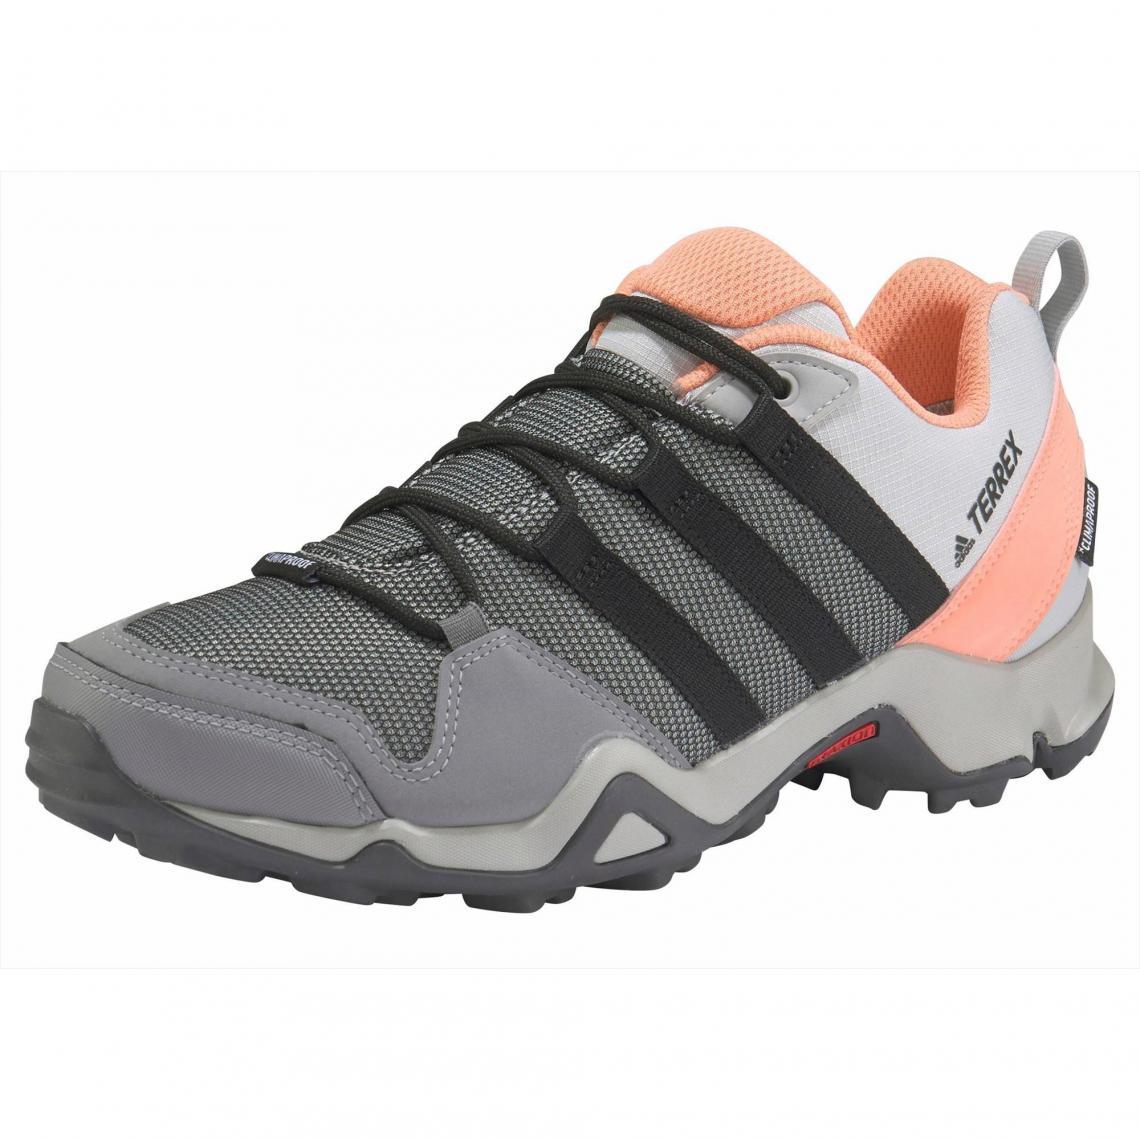 Chaussures outdoor femme adidas Performance Terrex AX2 CP Gris Clair Plus de détails